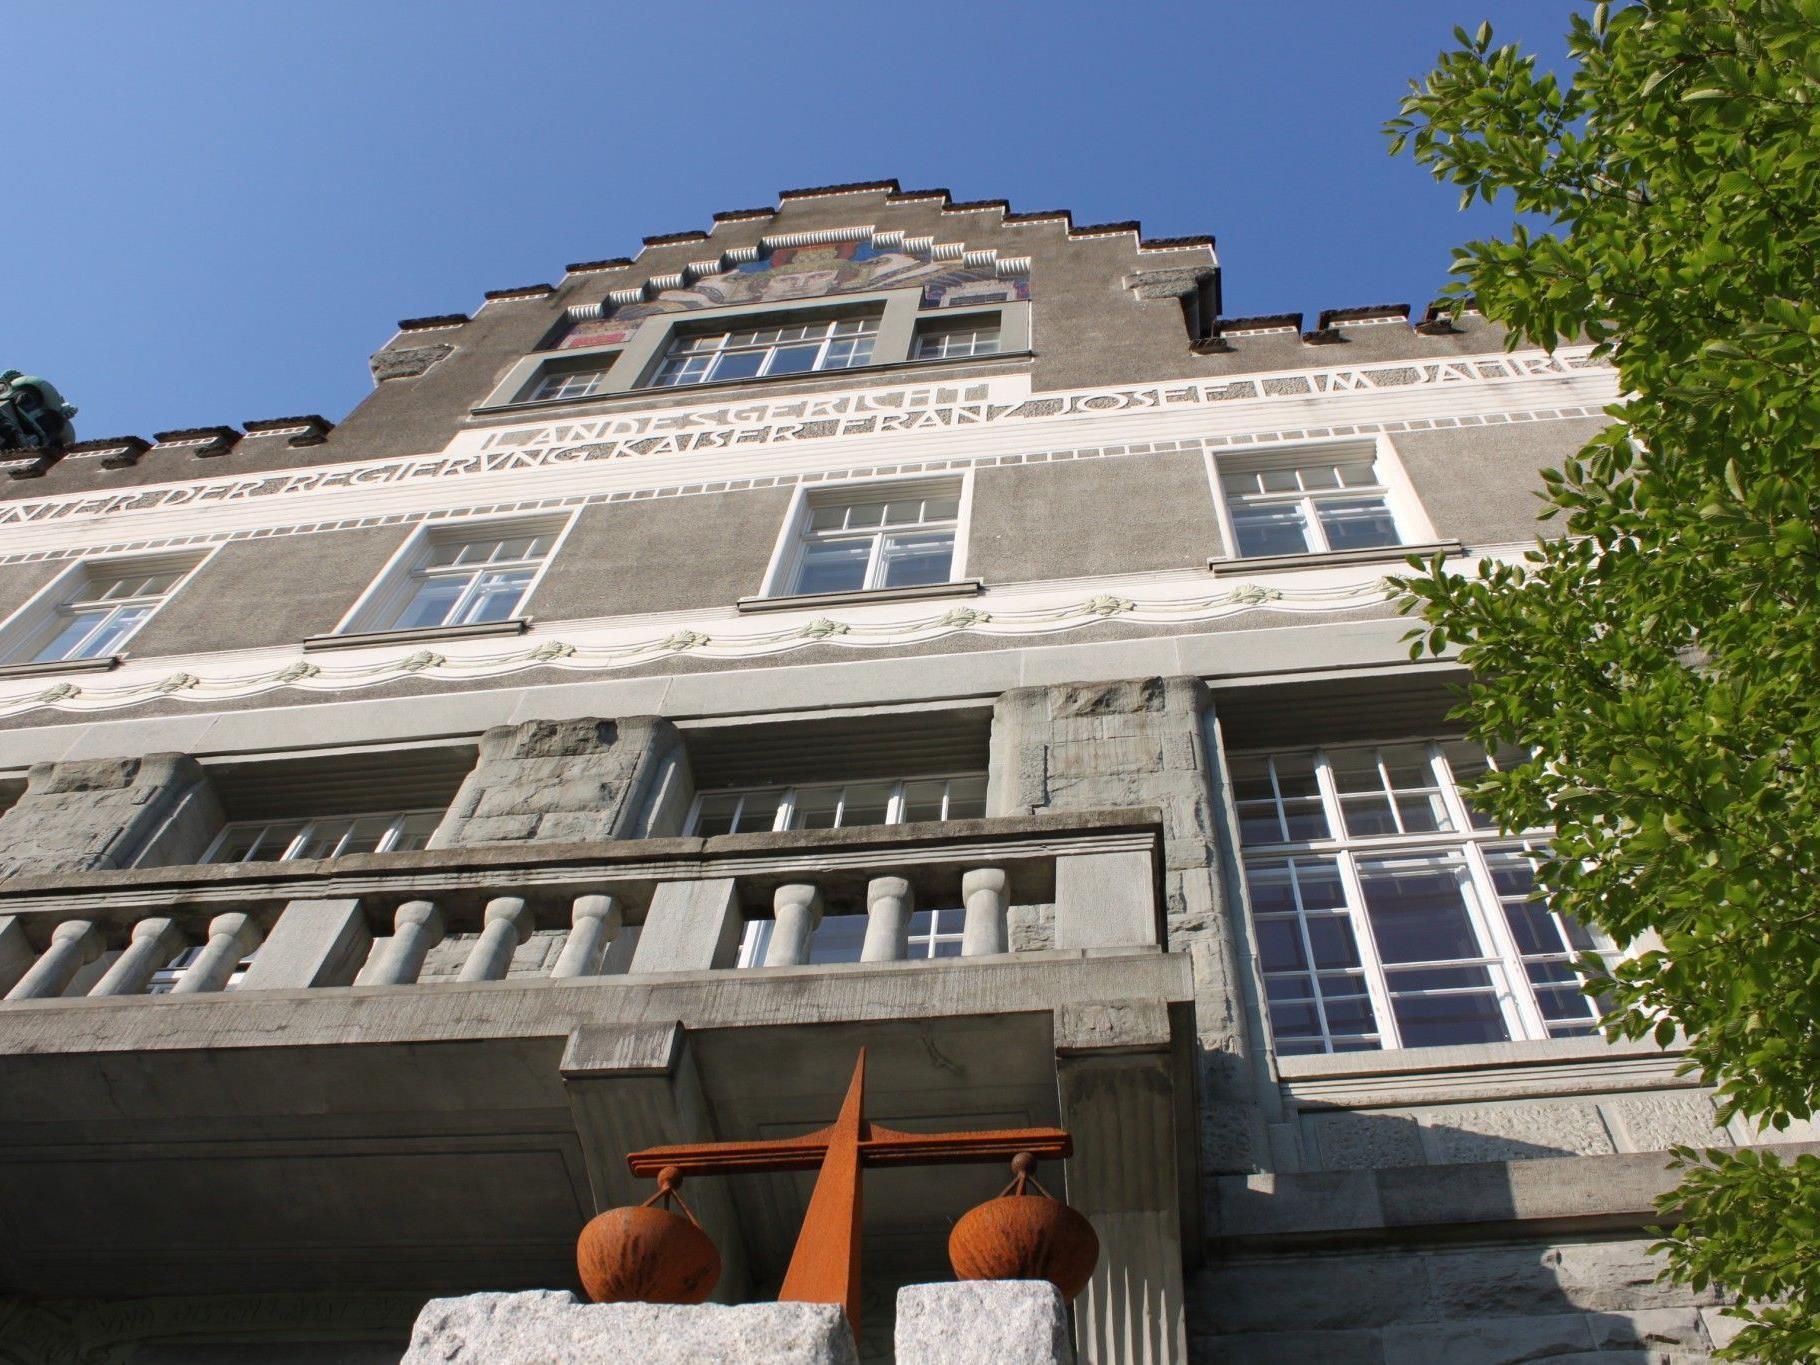 Am 30. Oktober muss sich der junge Bursch vor dem Landesgericht verantworten.